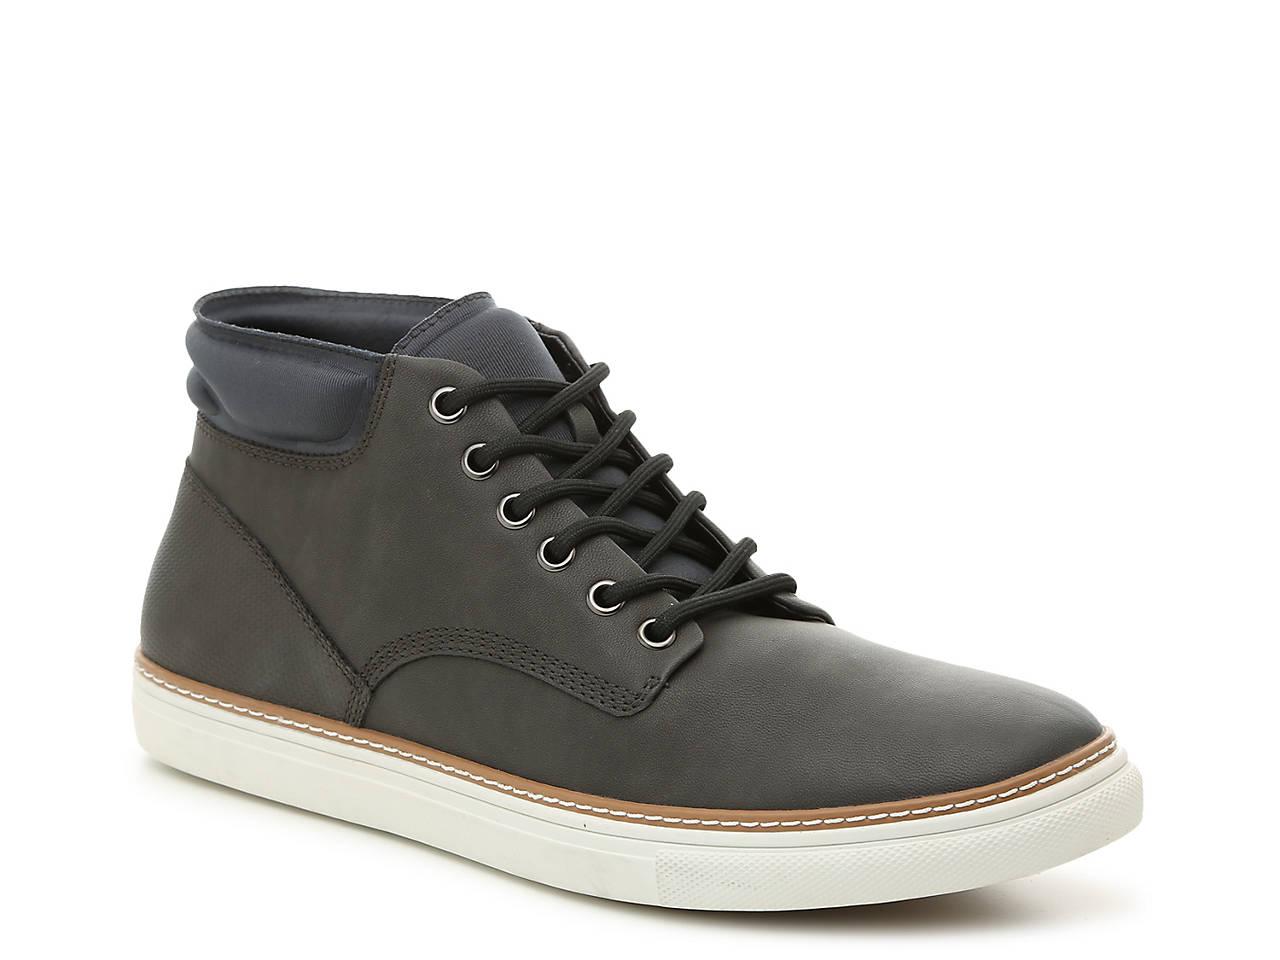 c8f8f15a184 Seven 91 Larullan Mid-Top Sneaker Boot Men s Shoes